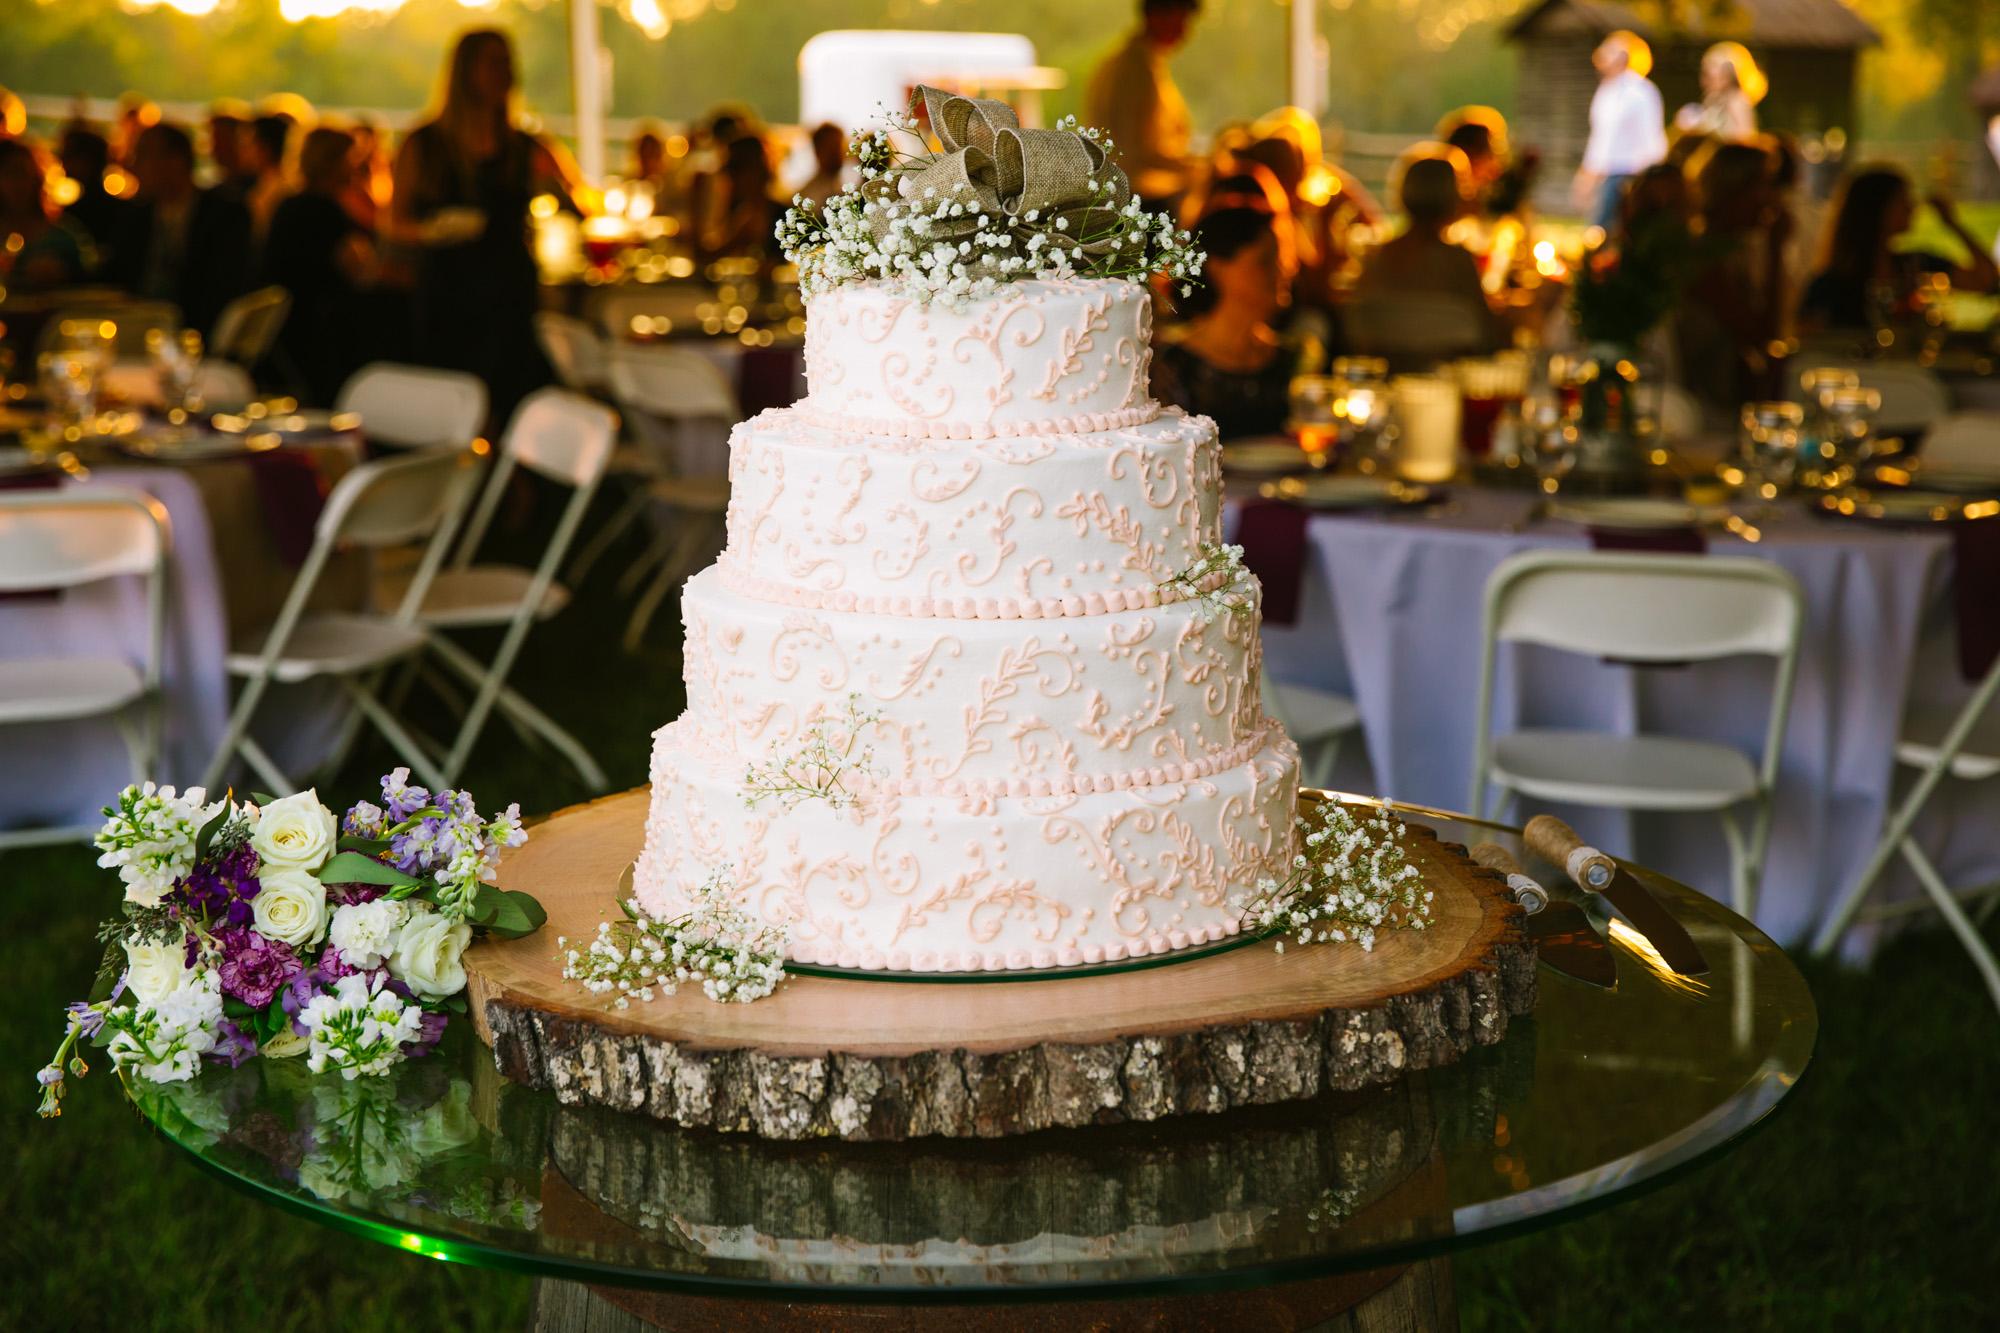 Waynesville, NC Wedding Photography | Wedding Cake at Sunset